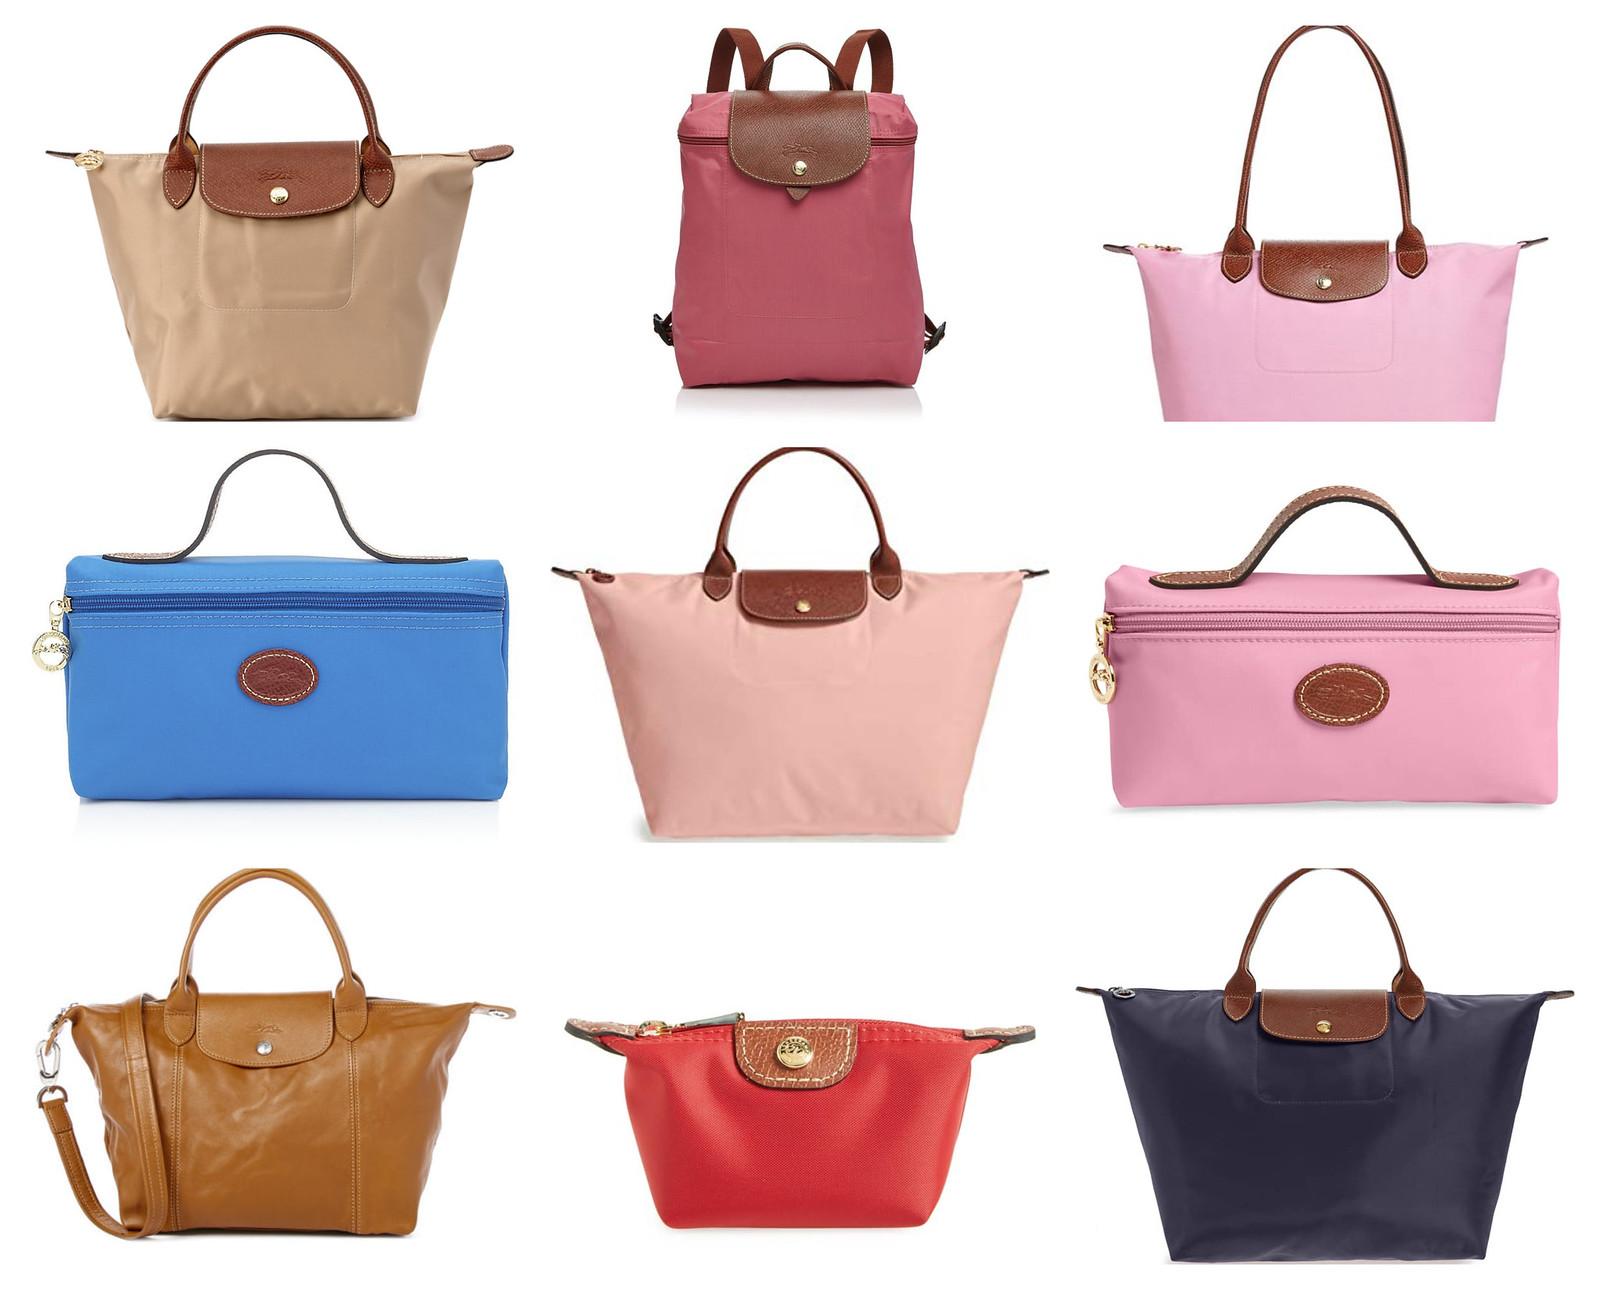 LongchampBags_SydneysFashionDiary